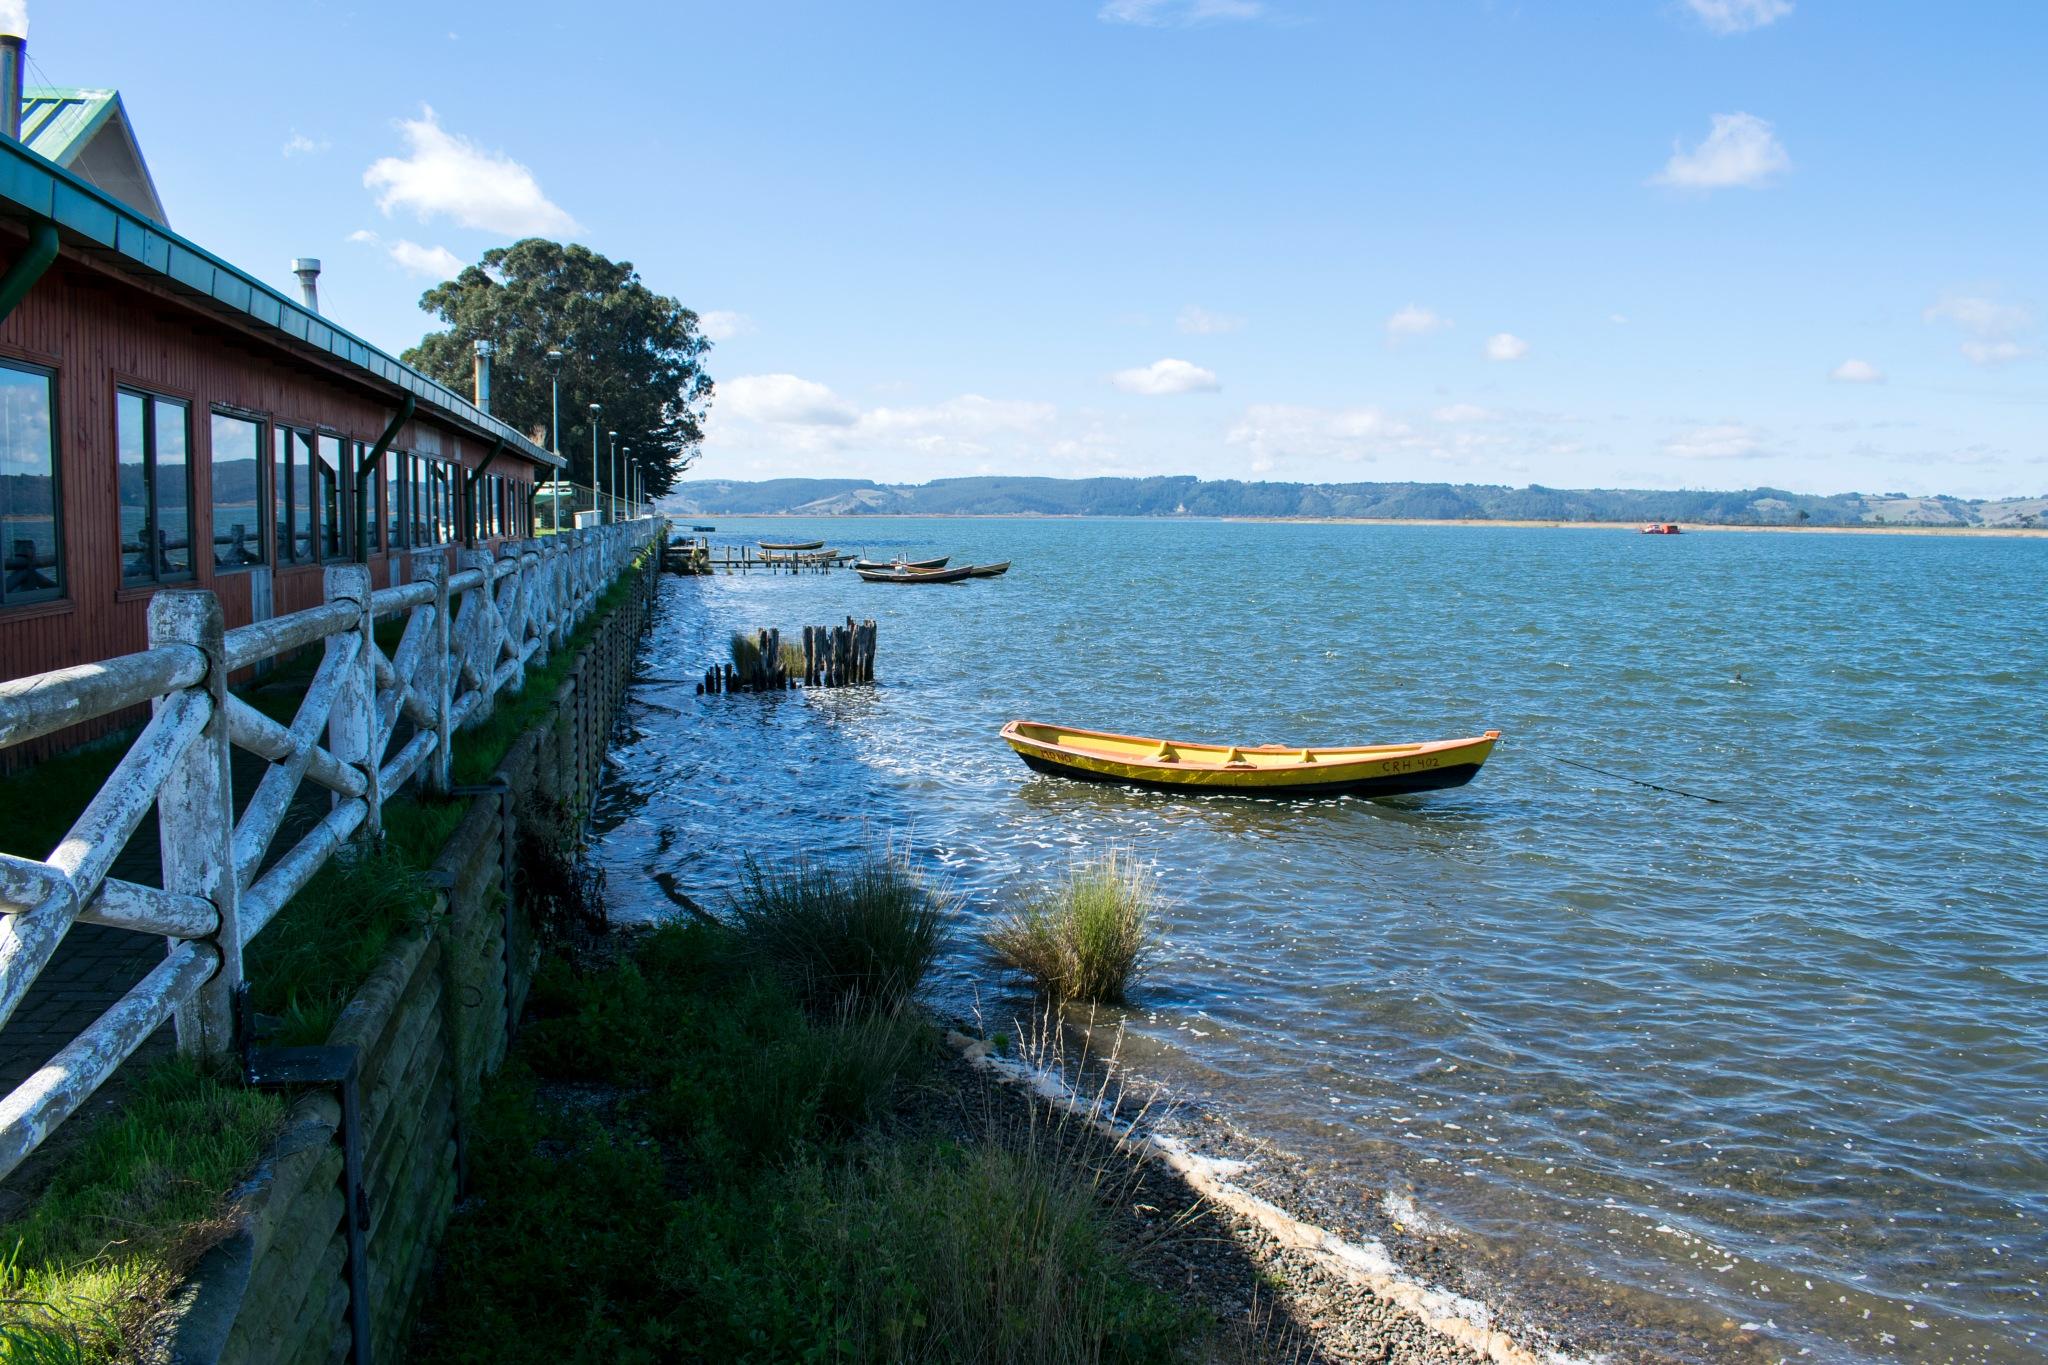 (0912) Nehuentúe, IX Región de La Araucanía, Chile by Patricio Cabezas